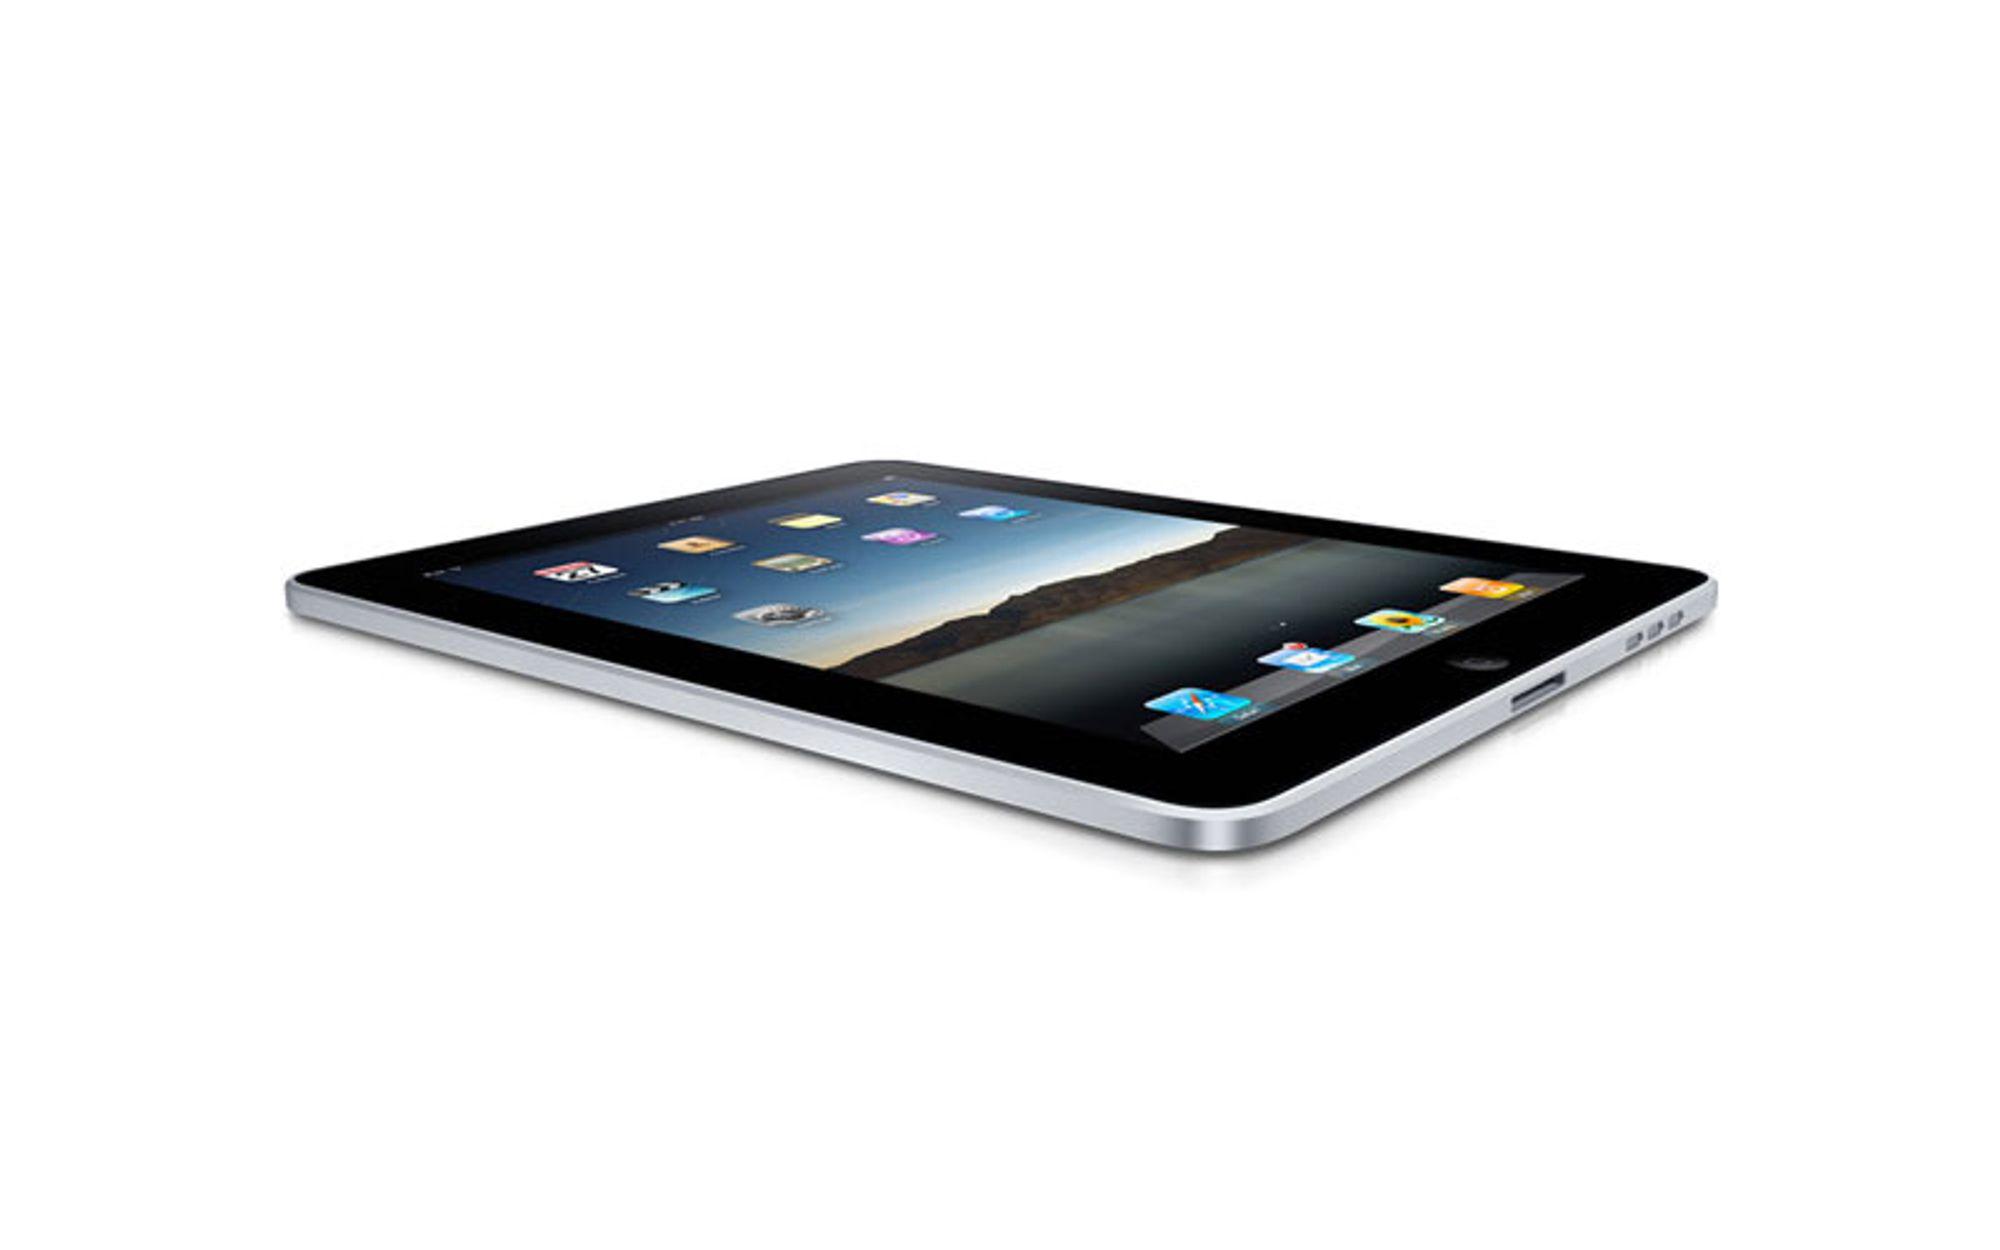 iPad 3 på Steve Jobs' bursdag?